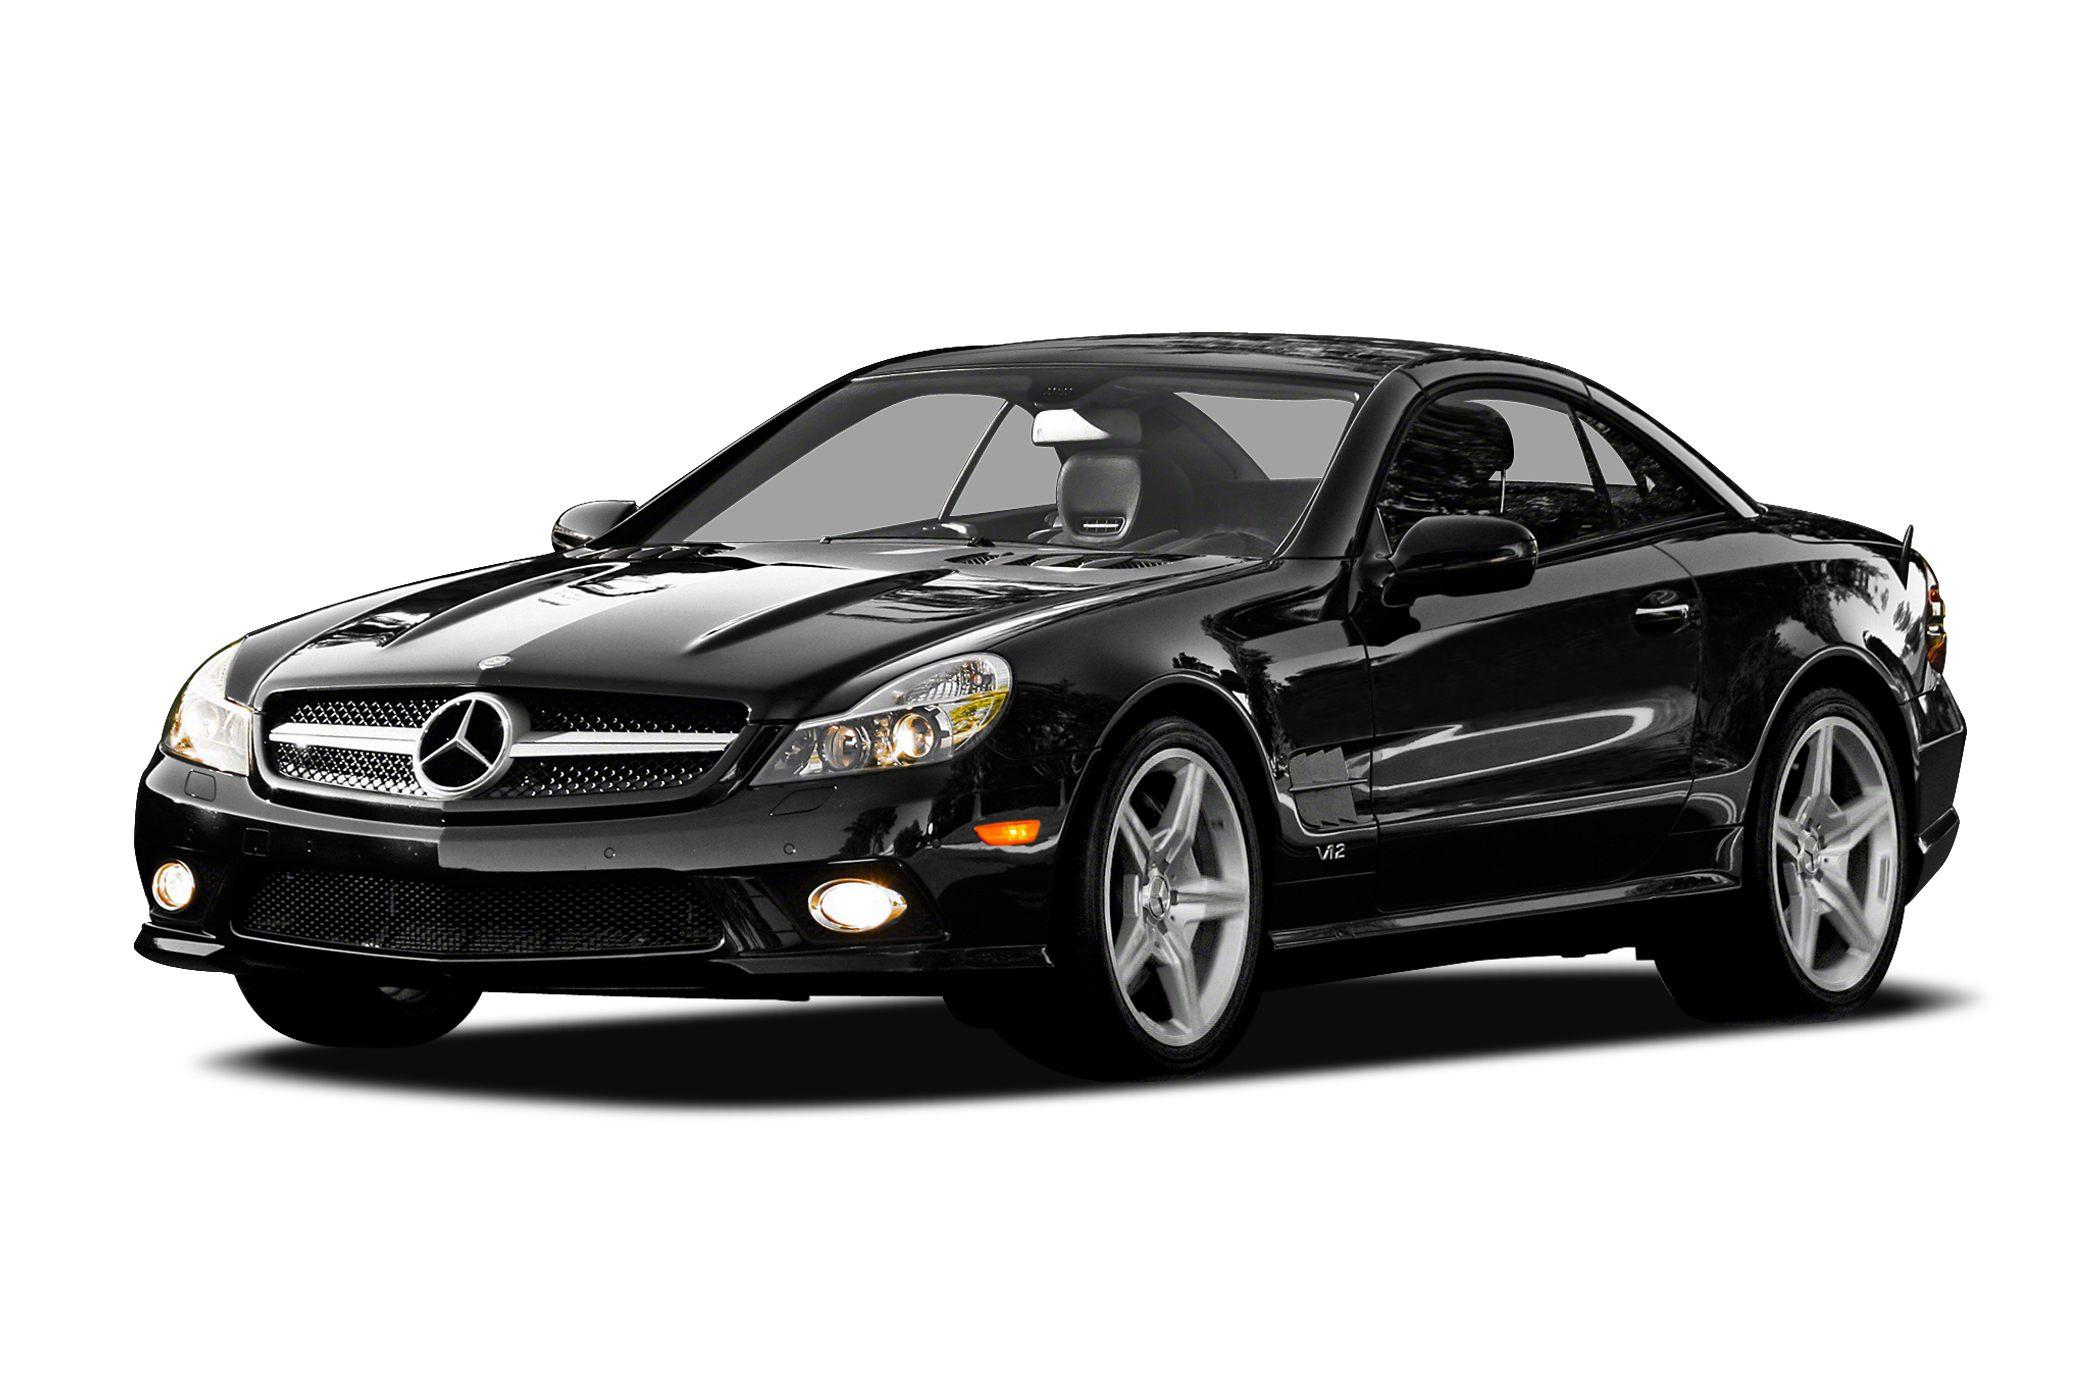 2009 Mercedes Benz SL Class Crash Test Ratings